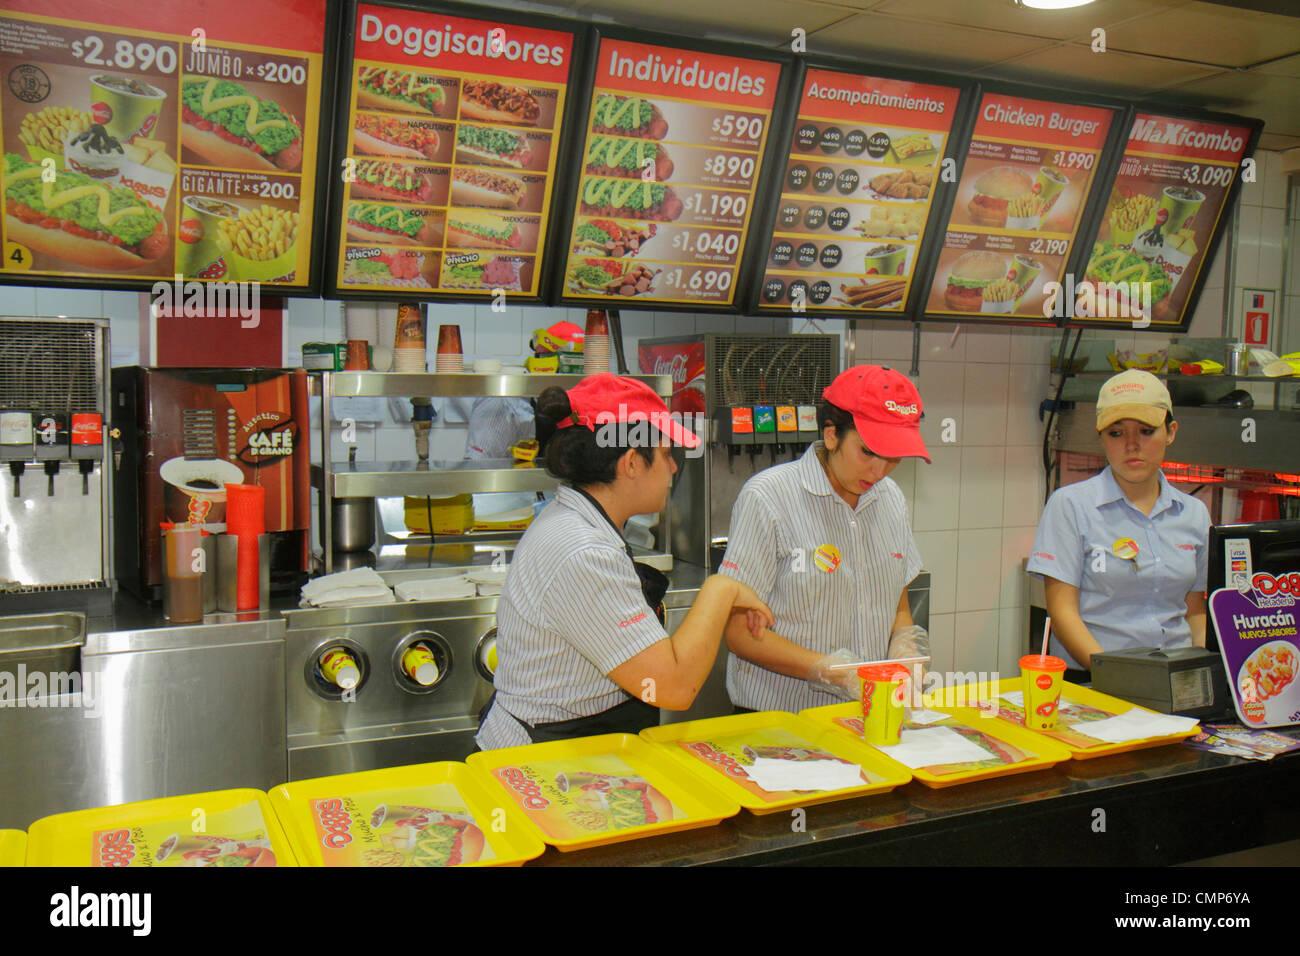 Santiago Chile Bellavista Pio Nono Doggis hot dogs fast food Stock ...